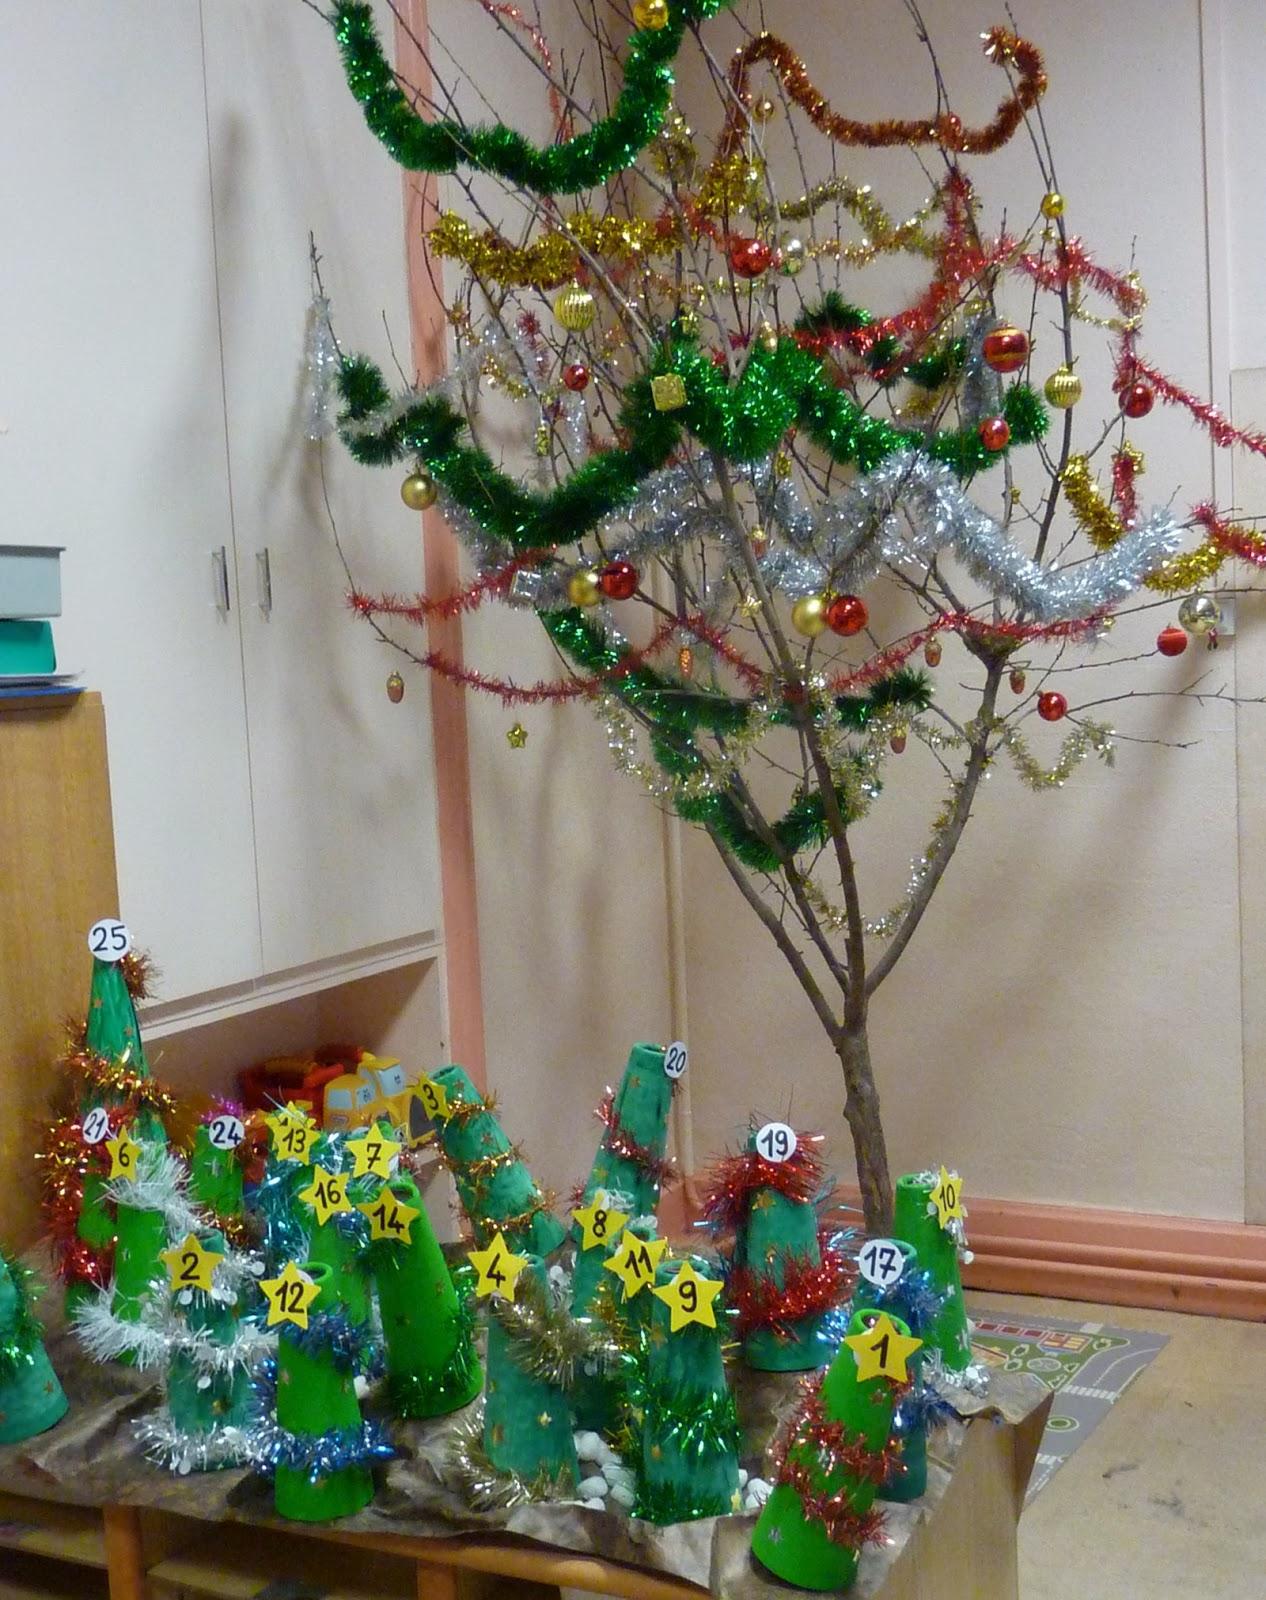 #1F692B Ecole Ste Marie: Les TPS PS MS Préparent Noël 6075 décoration de noel tps/ps 1266x1600 px @ aertt.com